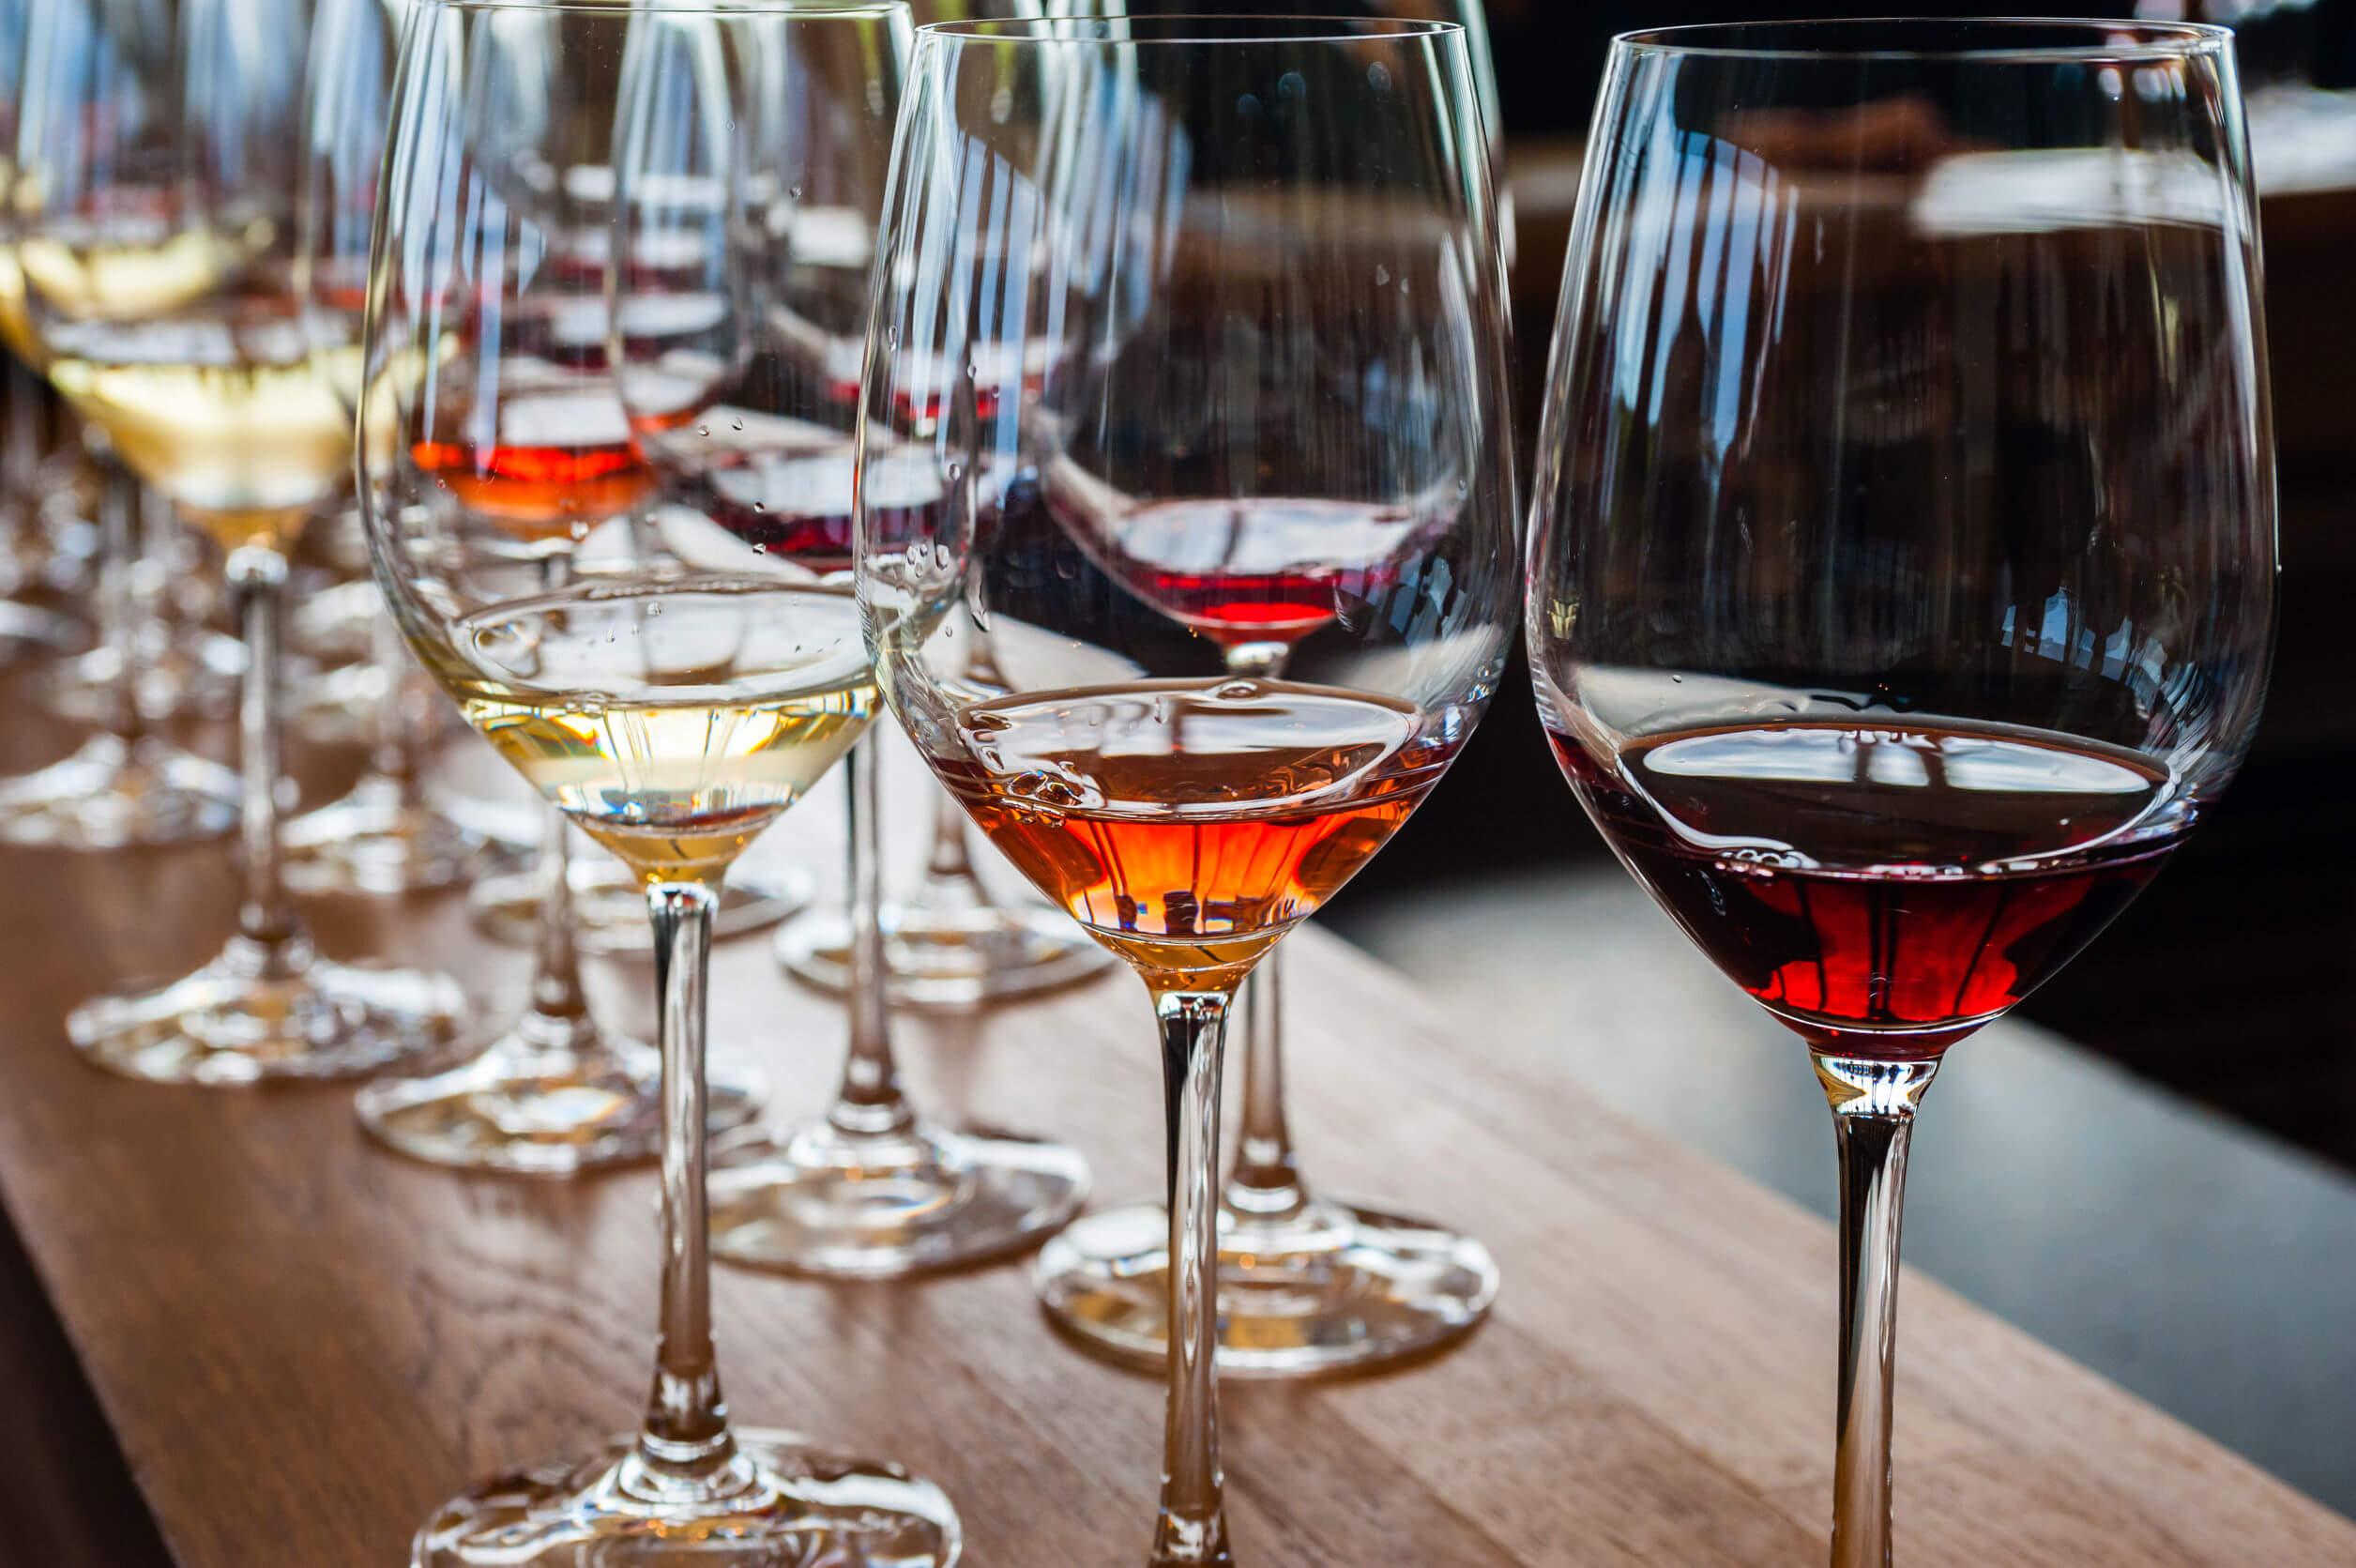 A amnésia alcoólica causa danos temporários.